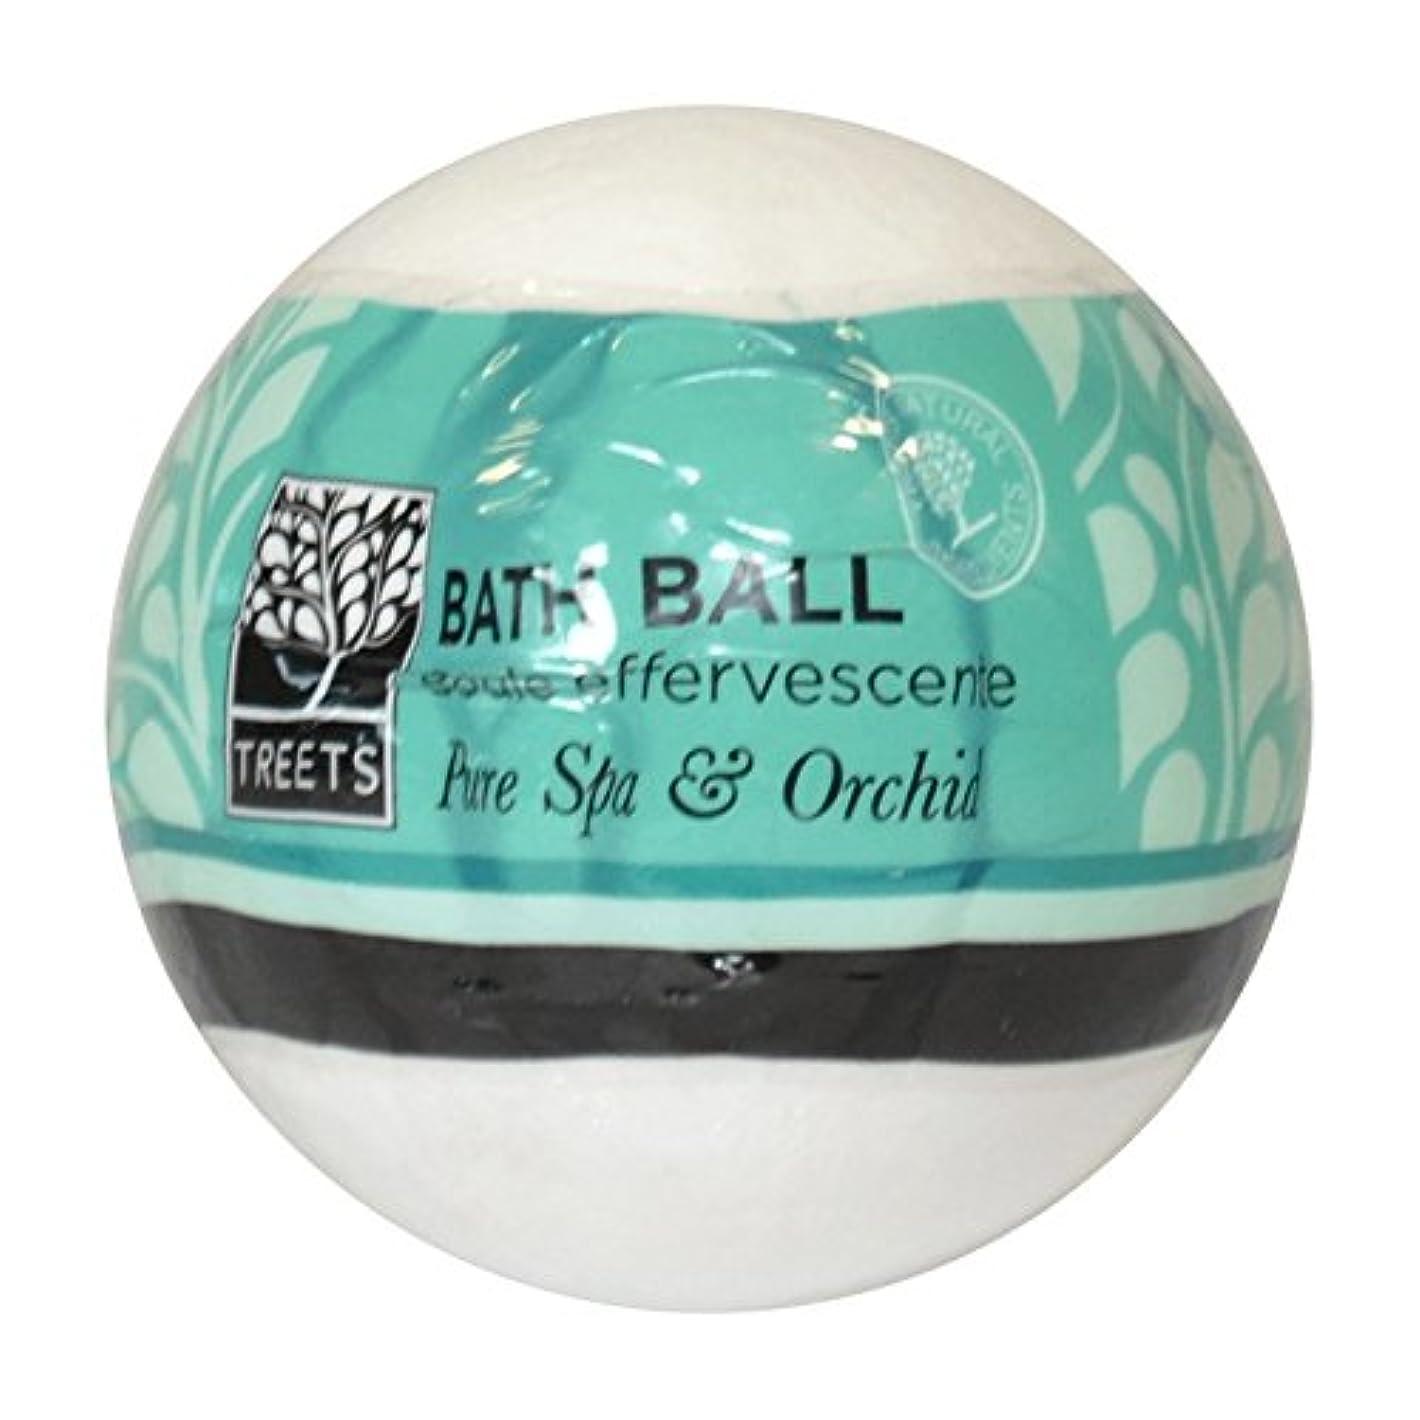 とティームパッチ地中海Treets Orchid & Pure Spa Bath Ball (Pack of 2) - Treets蘭&純粋なスパバスボール (x2) [並行輸入品]